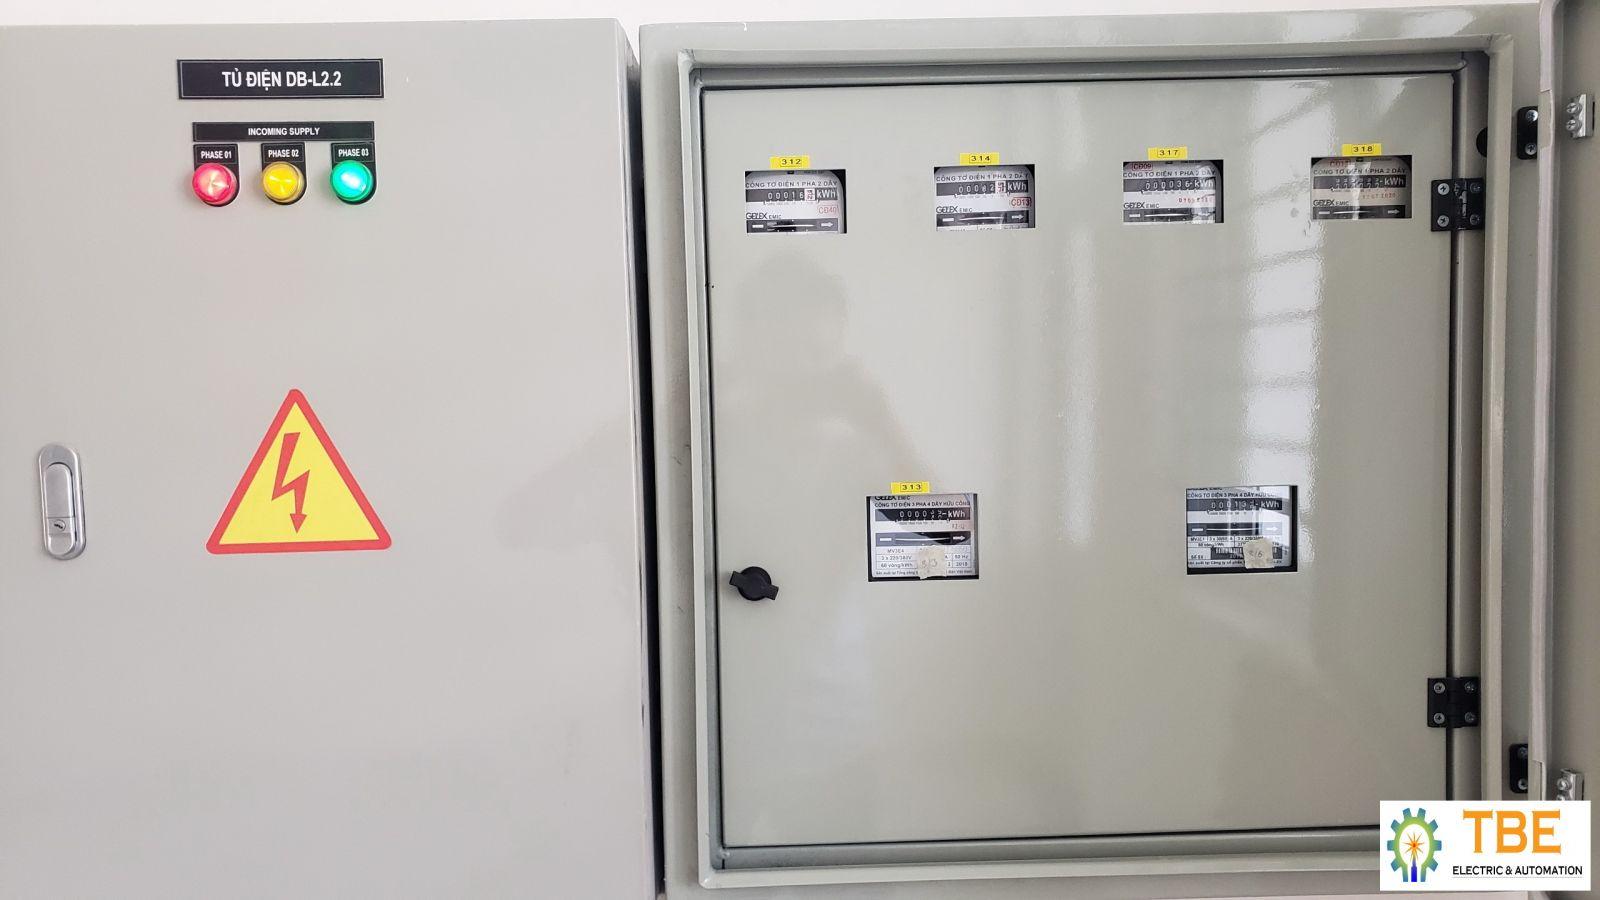 Thiết kế lắp đặt đồng hồ đo điện năng các phòng làm việc